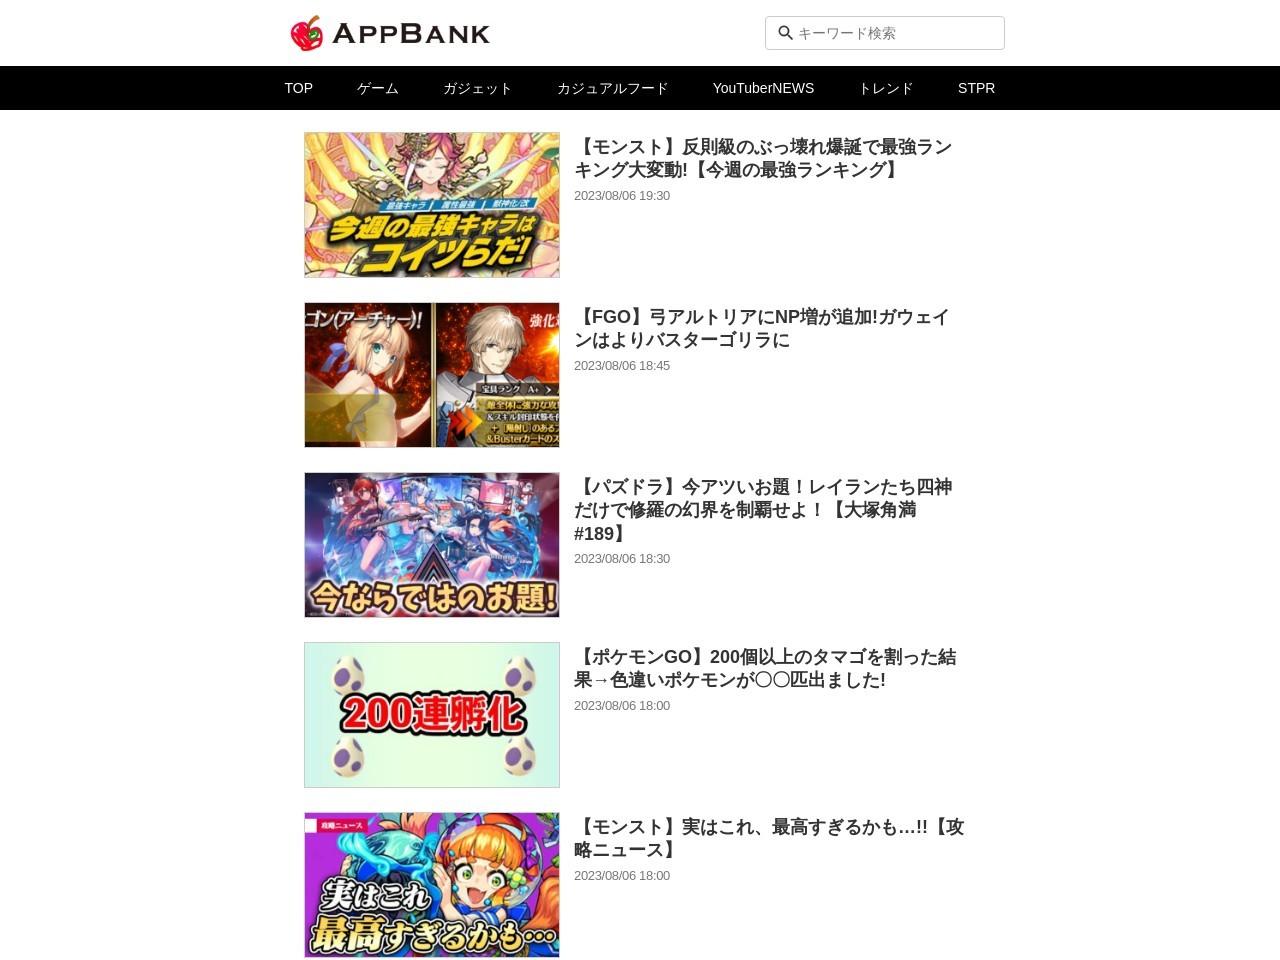 【パズドラ攻略】パズル&ドラゴンズの遊び方・攻略情報まとめページ - AppBank